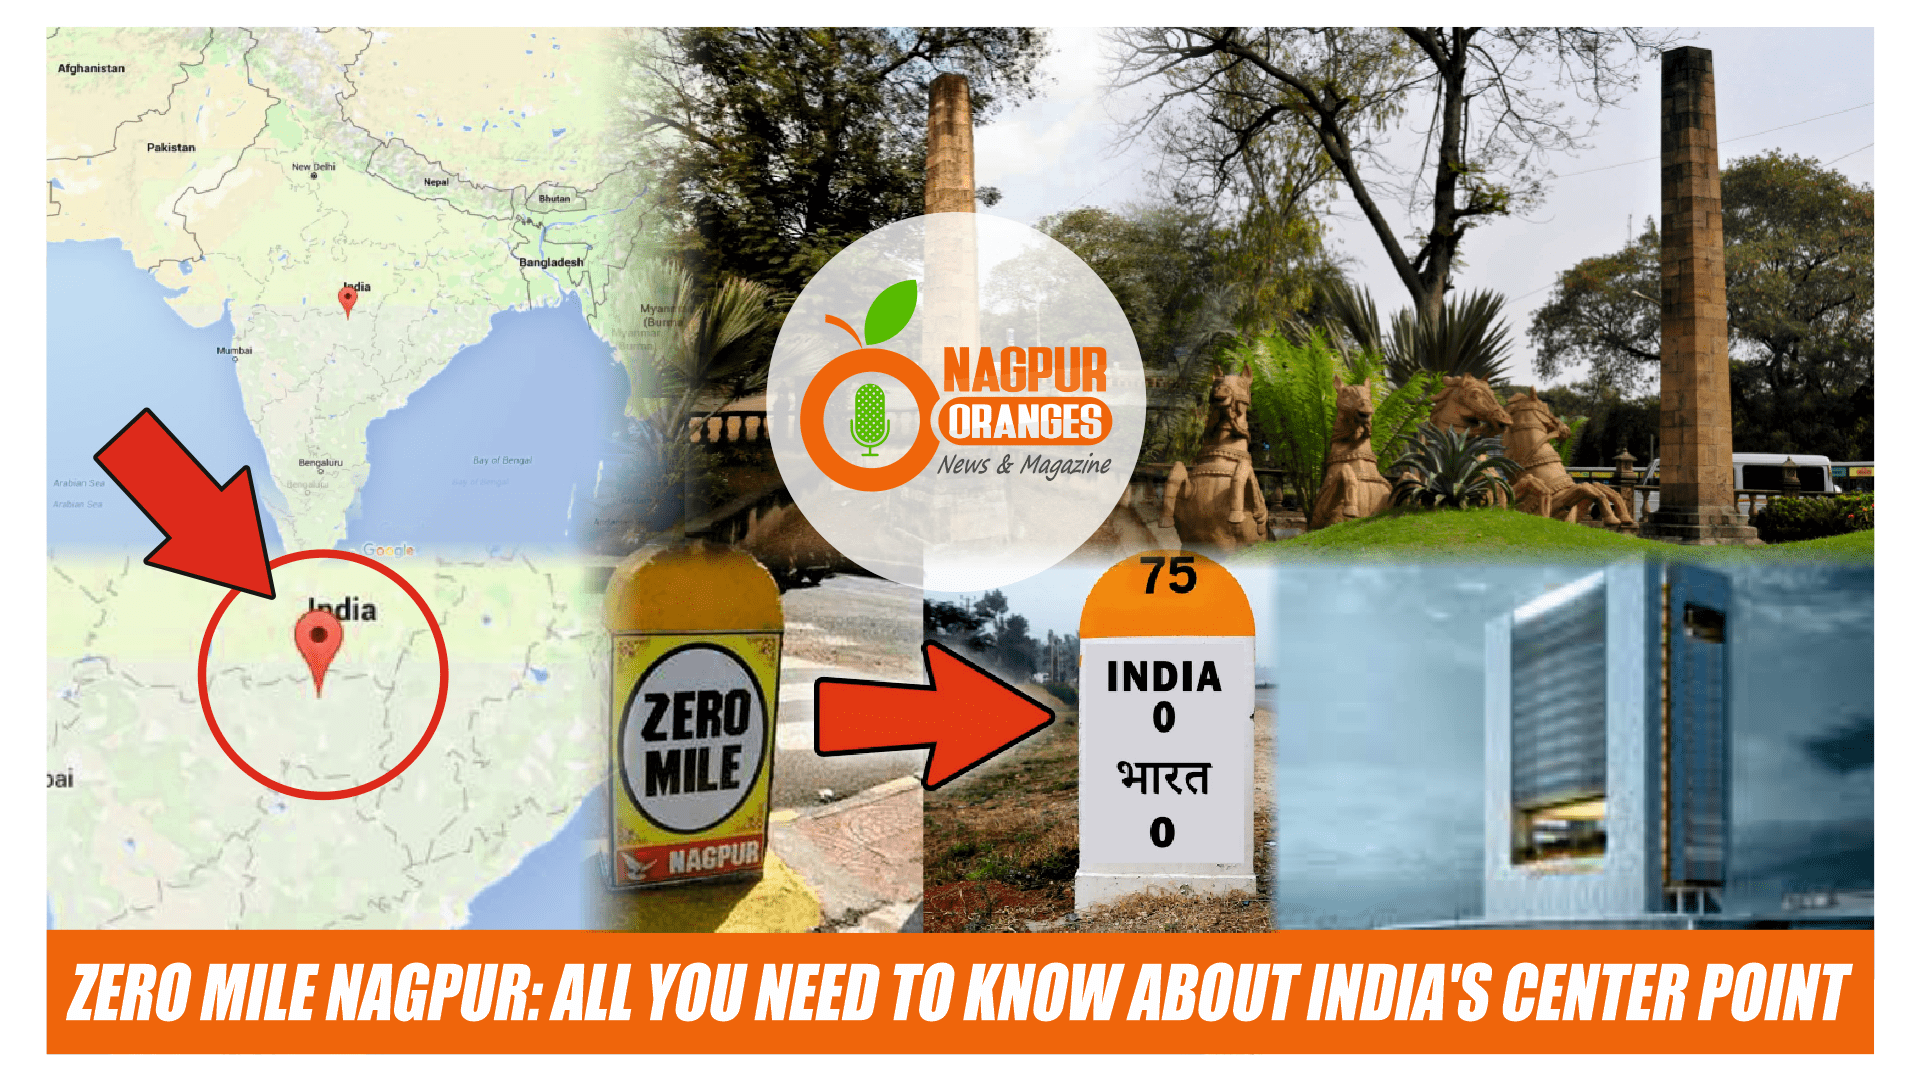 Zero Mile Nagpur